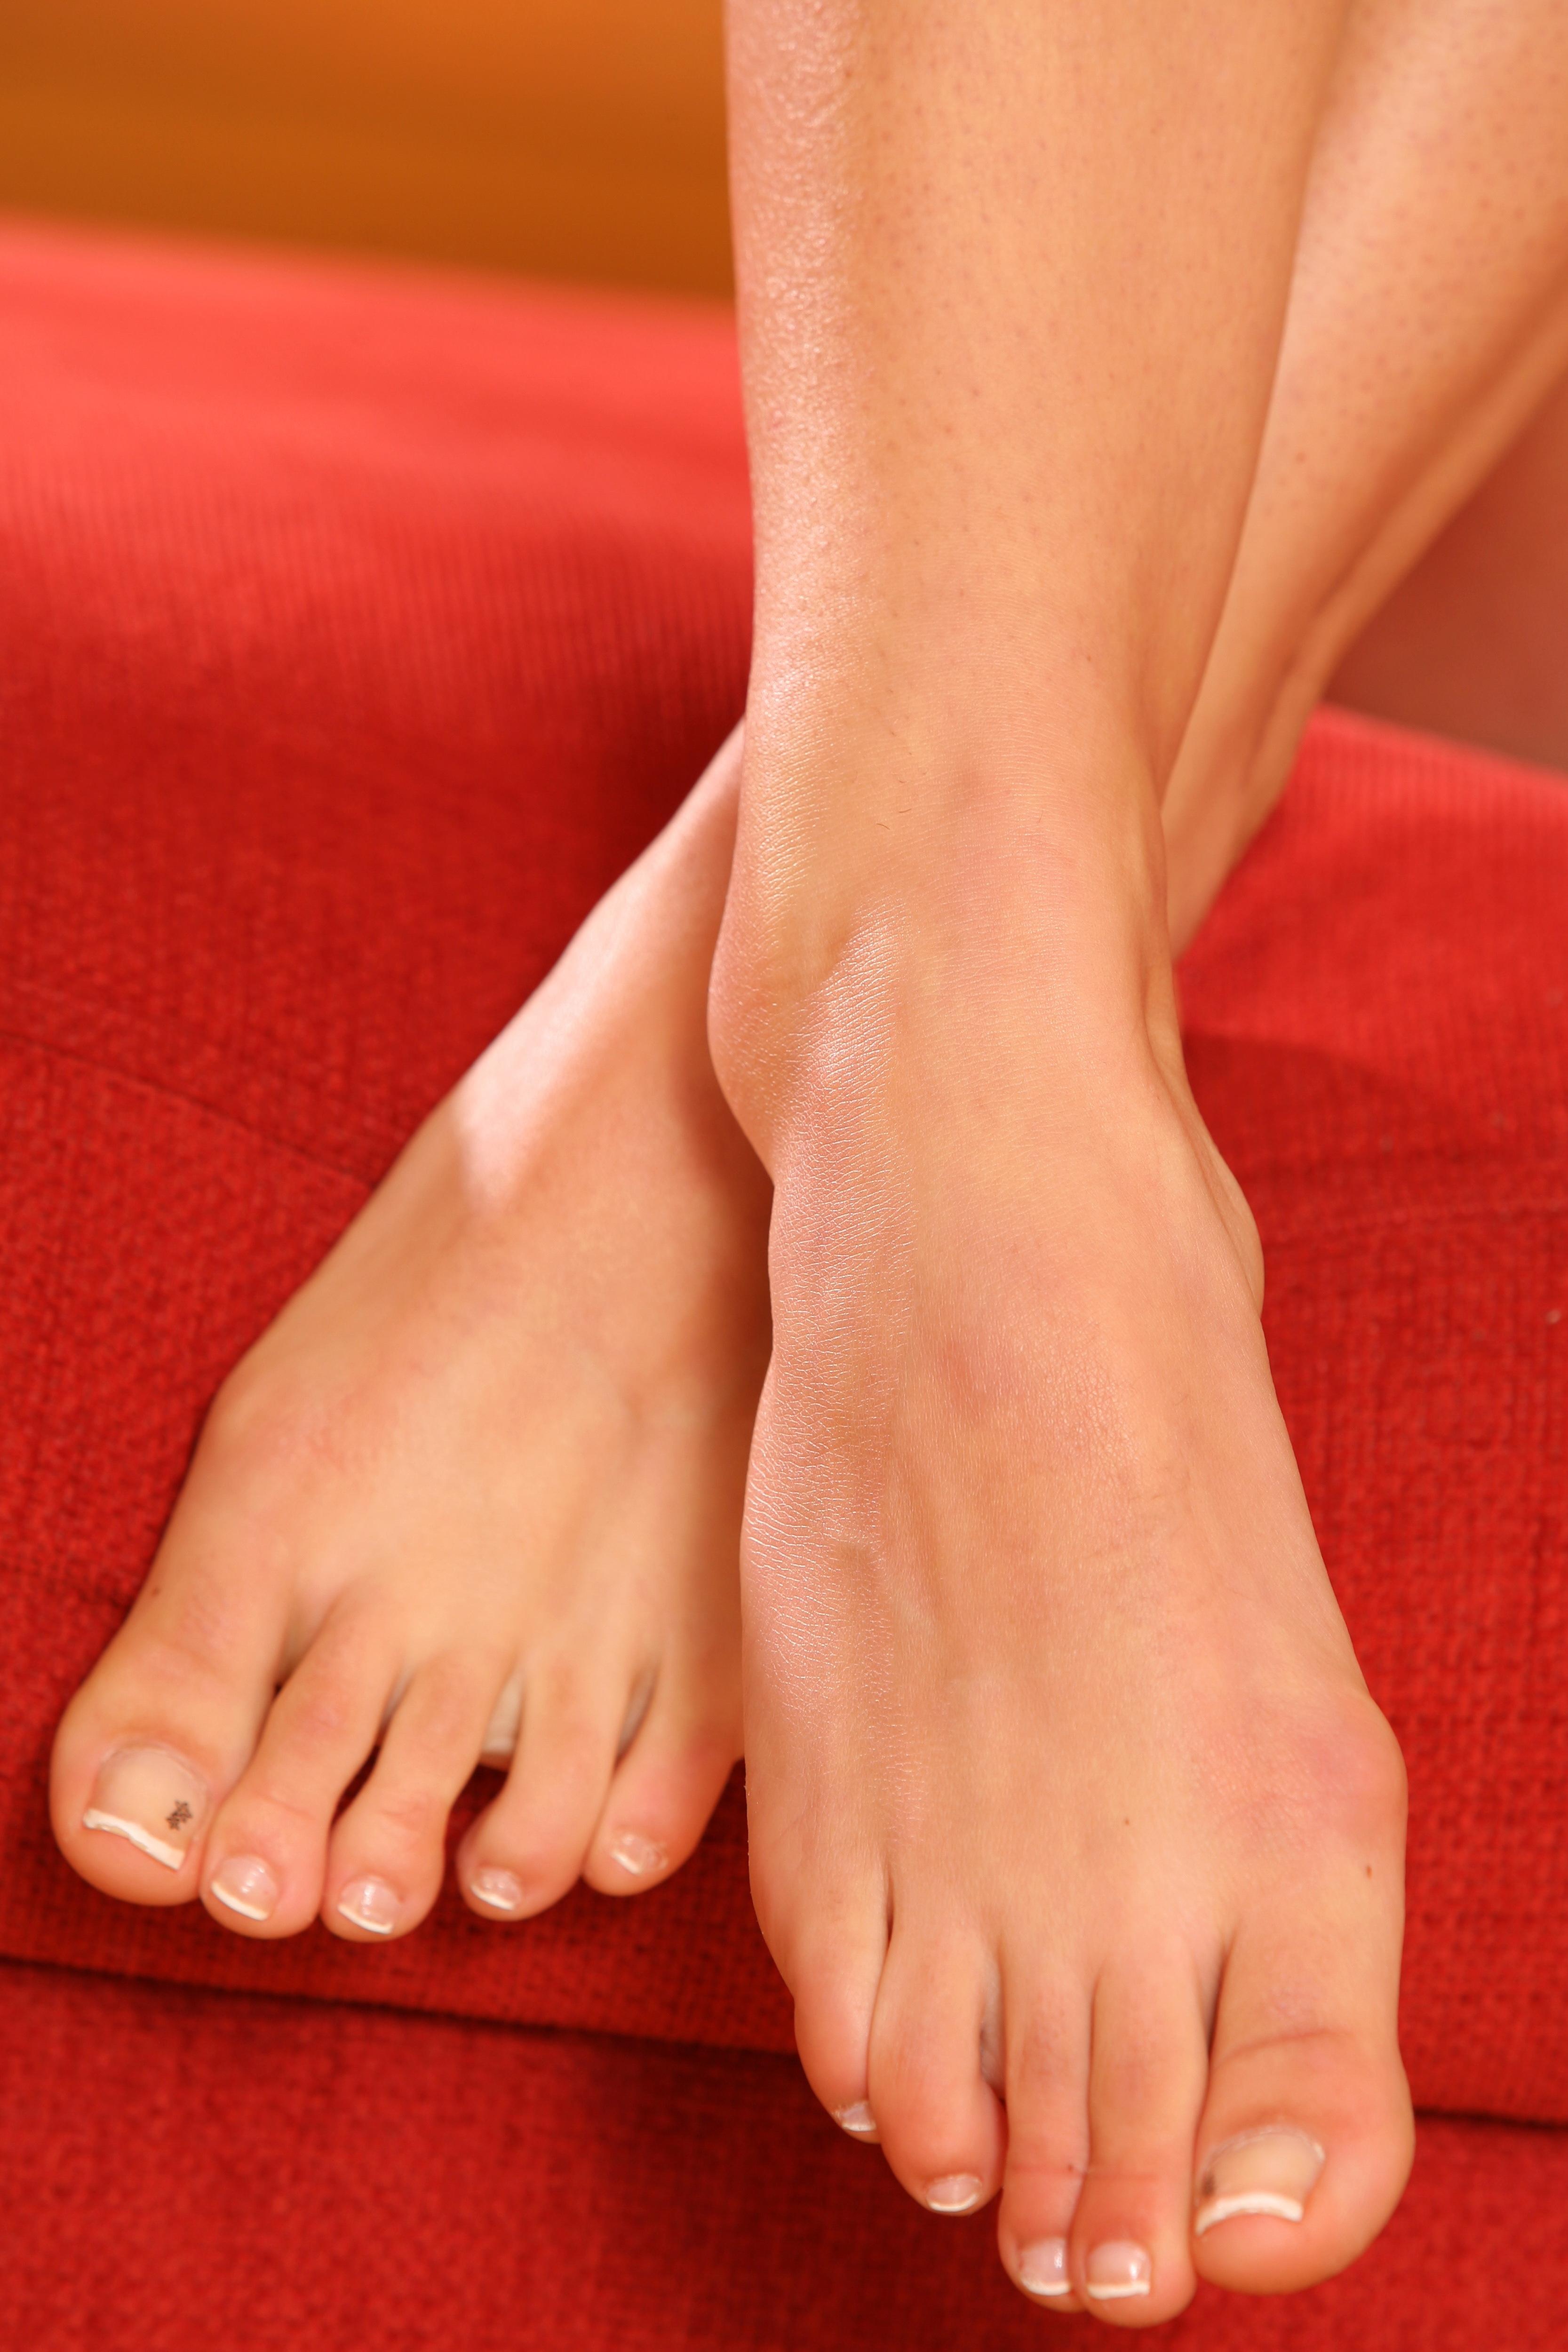 Marketa Stroblova S Feet